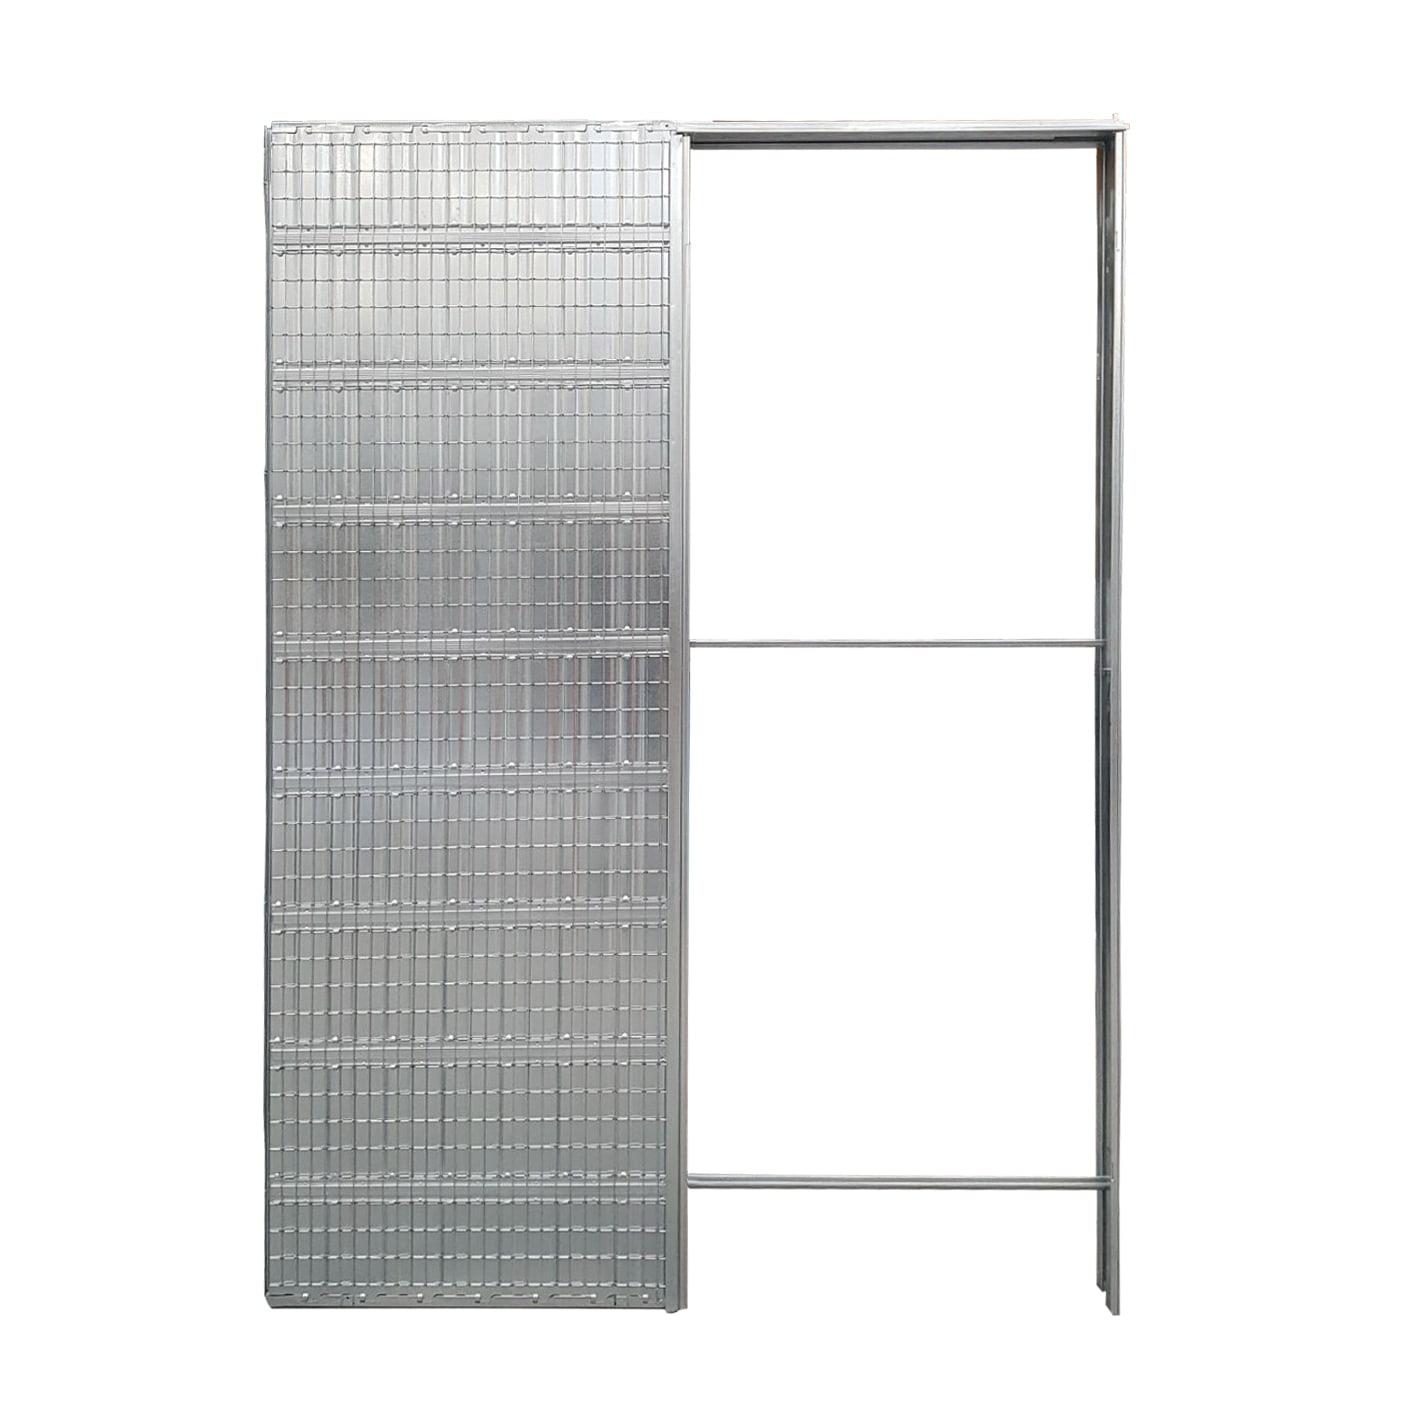 Porte Per Interni Prezzi Foggia controtelaio porta scorrevole per intonaco l 100 x h 210 cm